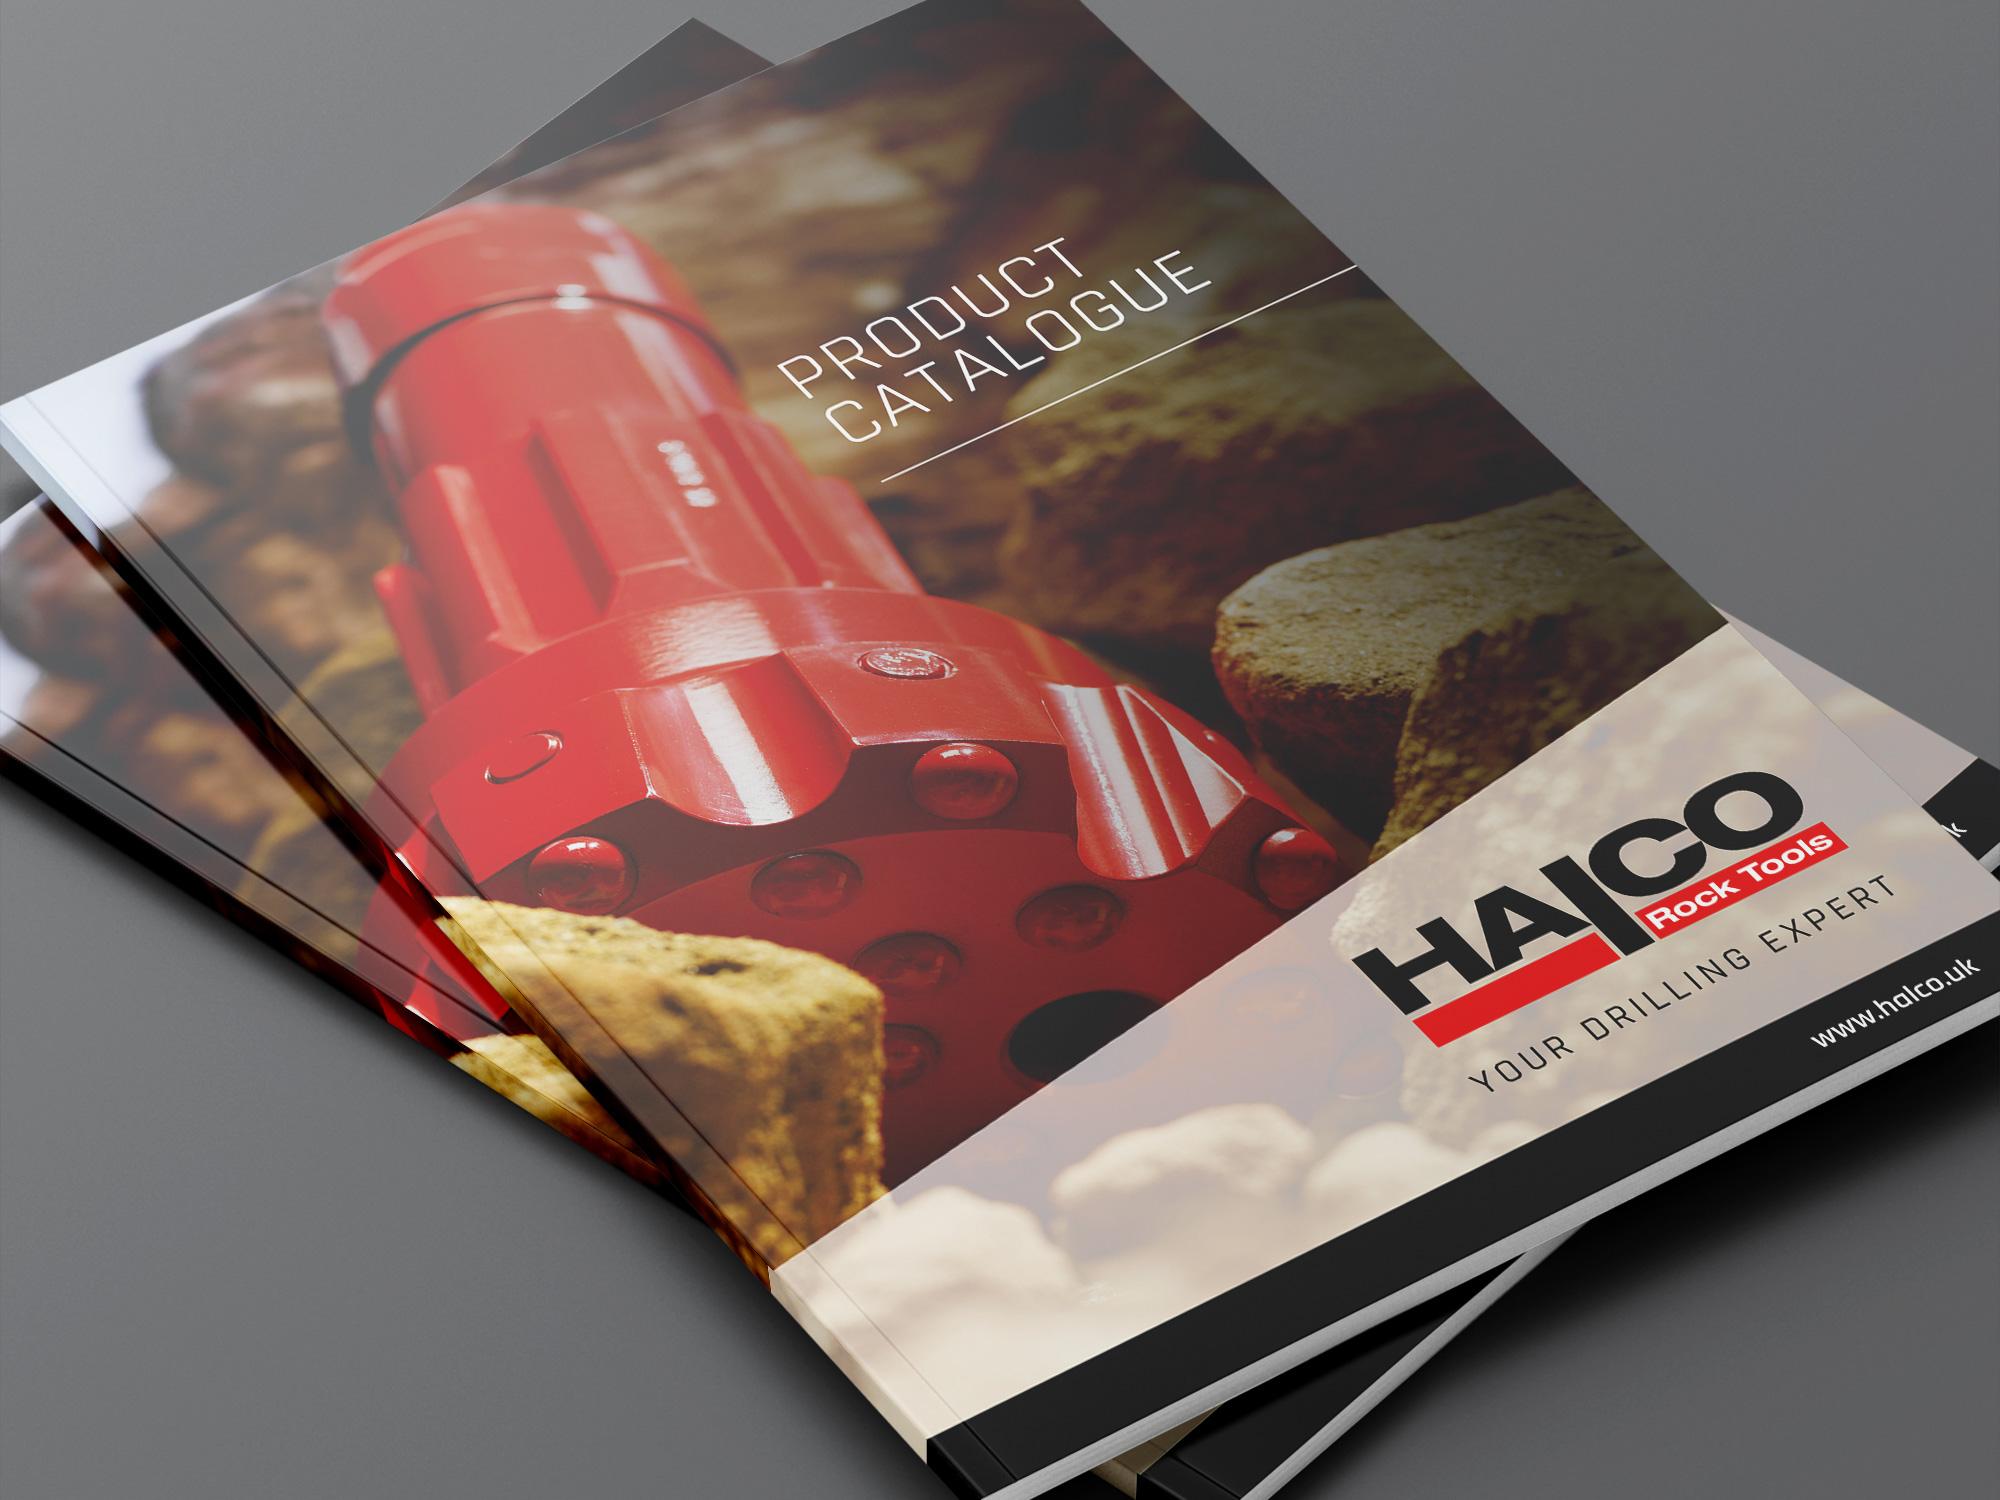 Catalogue Design & Production